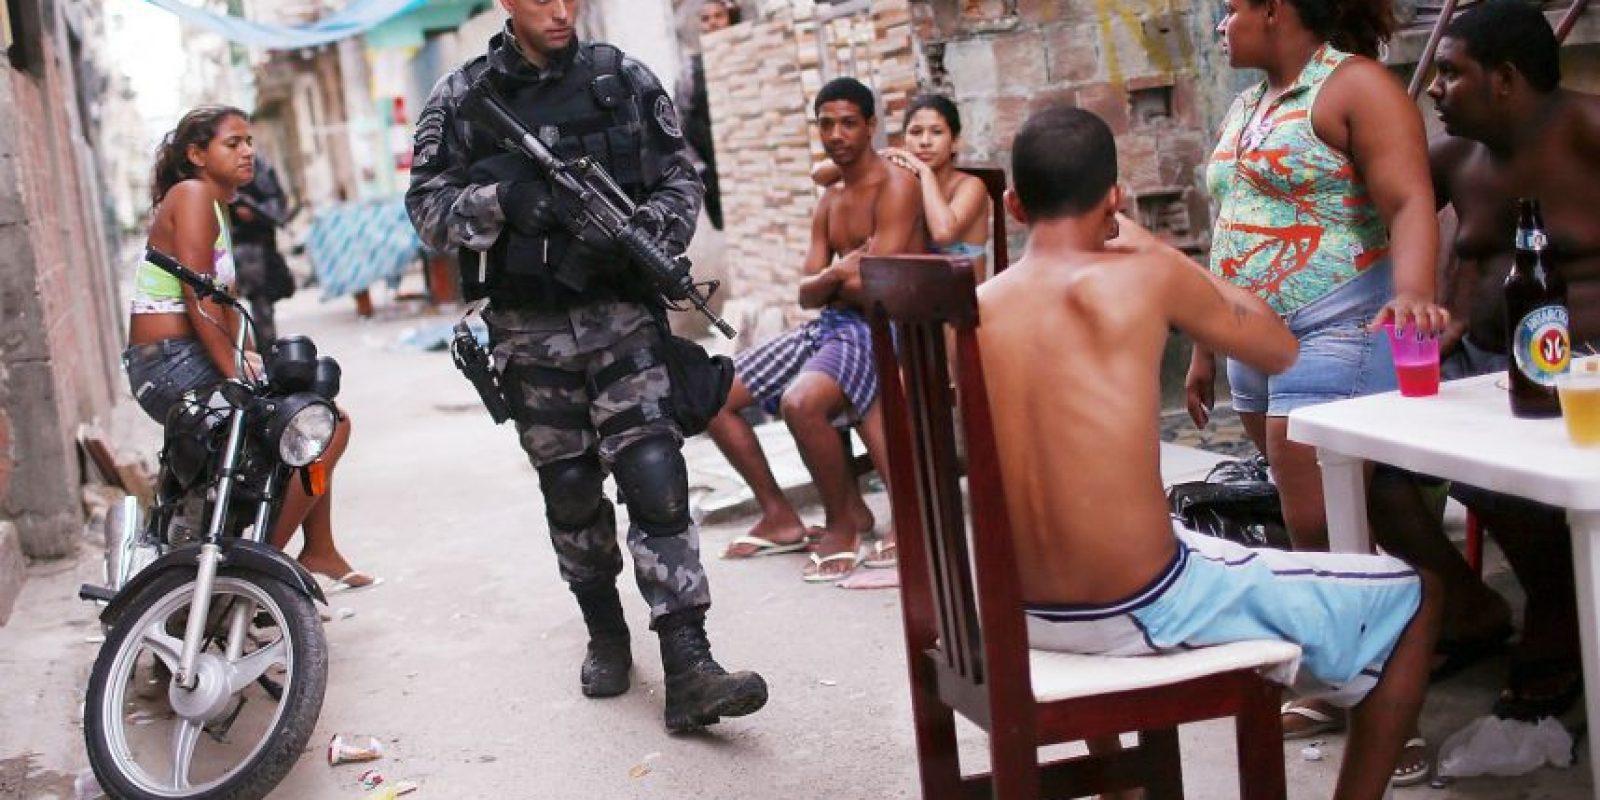 El Ministerio de Trabajo brasileño señaló que en los últimos 20 años ha liberado a 50 mil personas que viven en situación de esclavitud. Foto:Getty Images